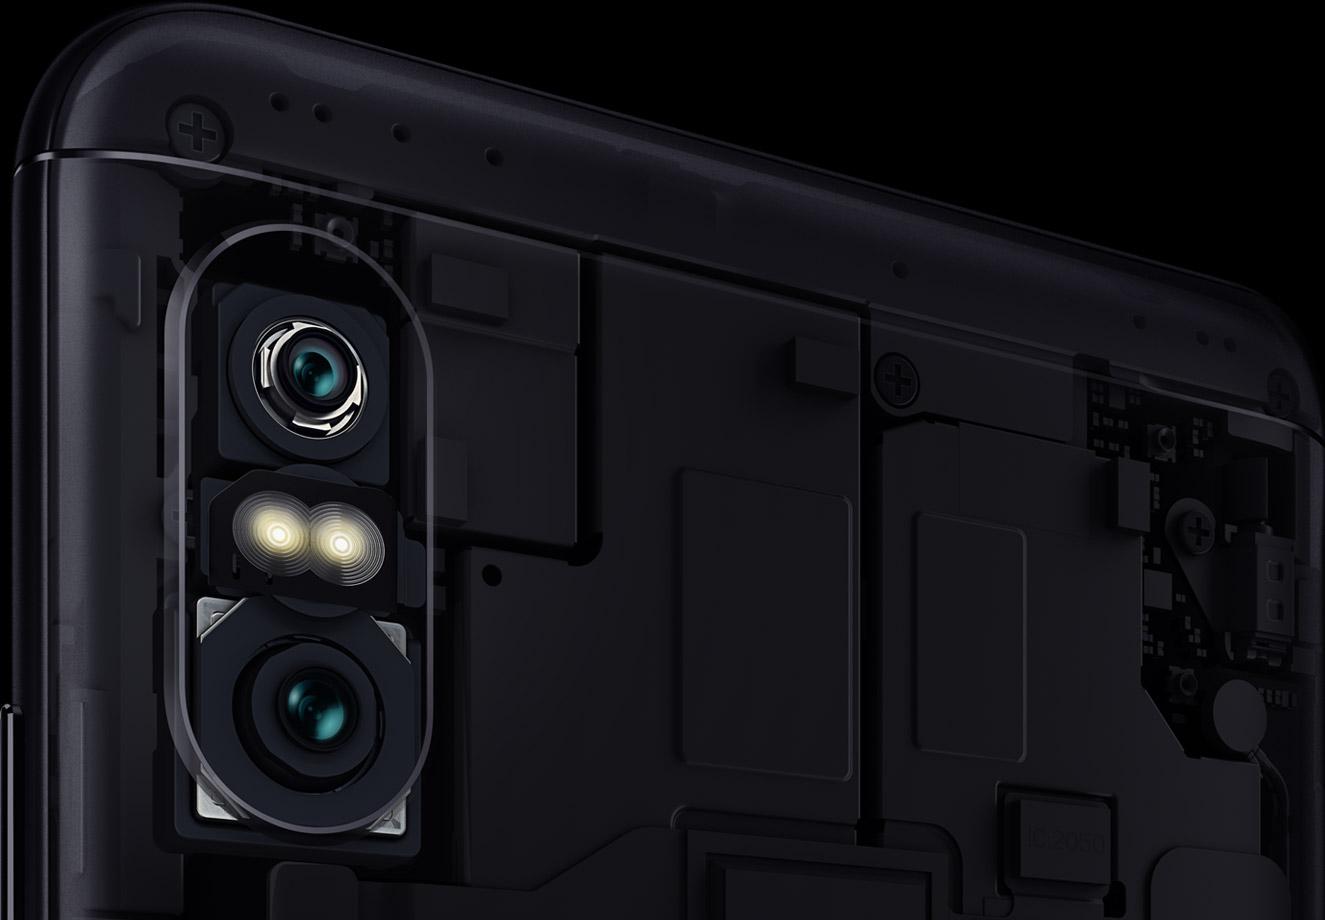 Redmi Note 5 Pro camera